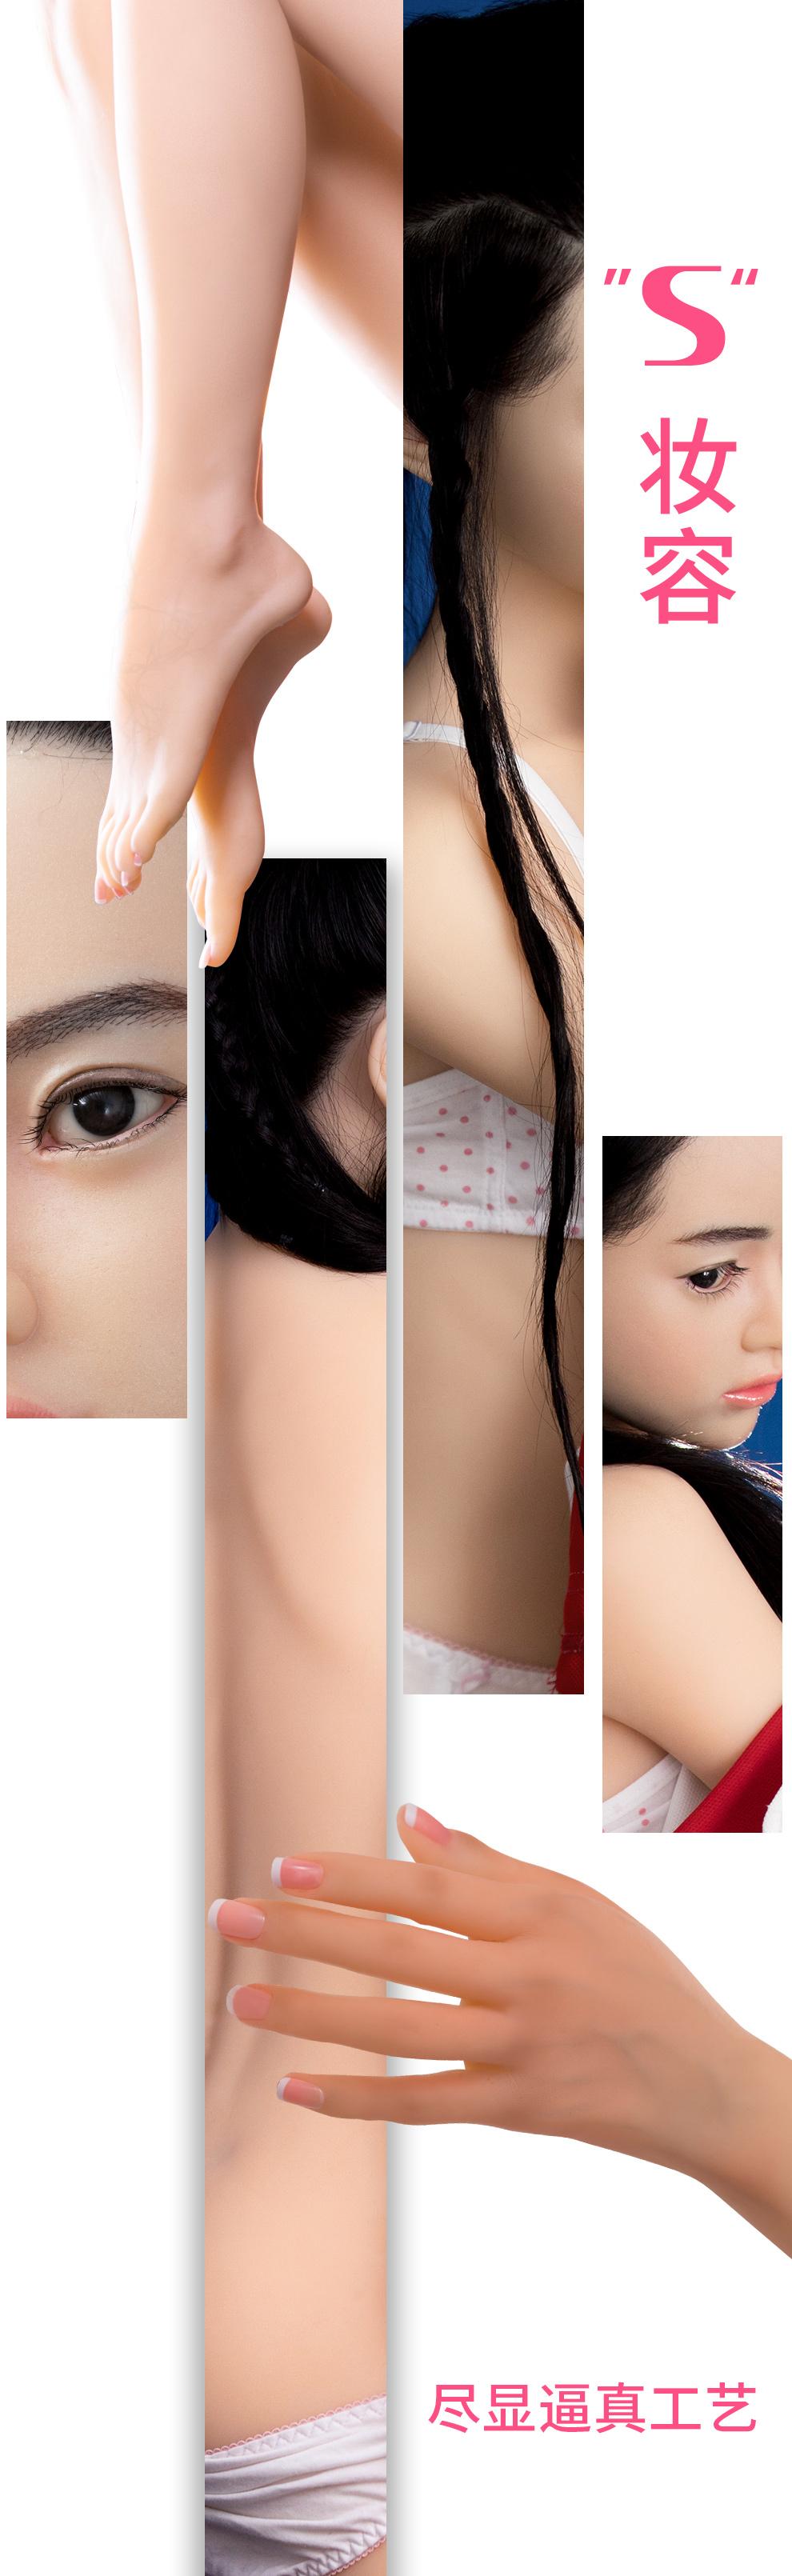 尺码改_07.jpg